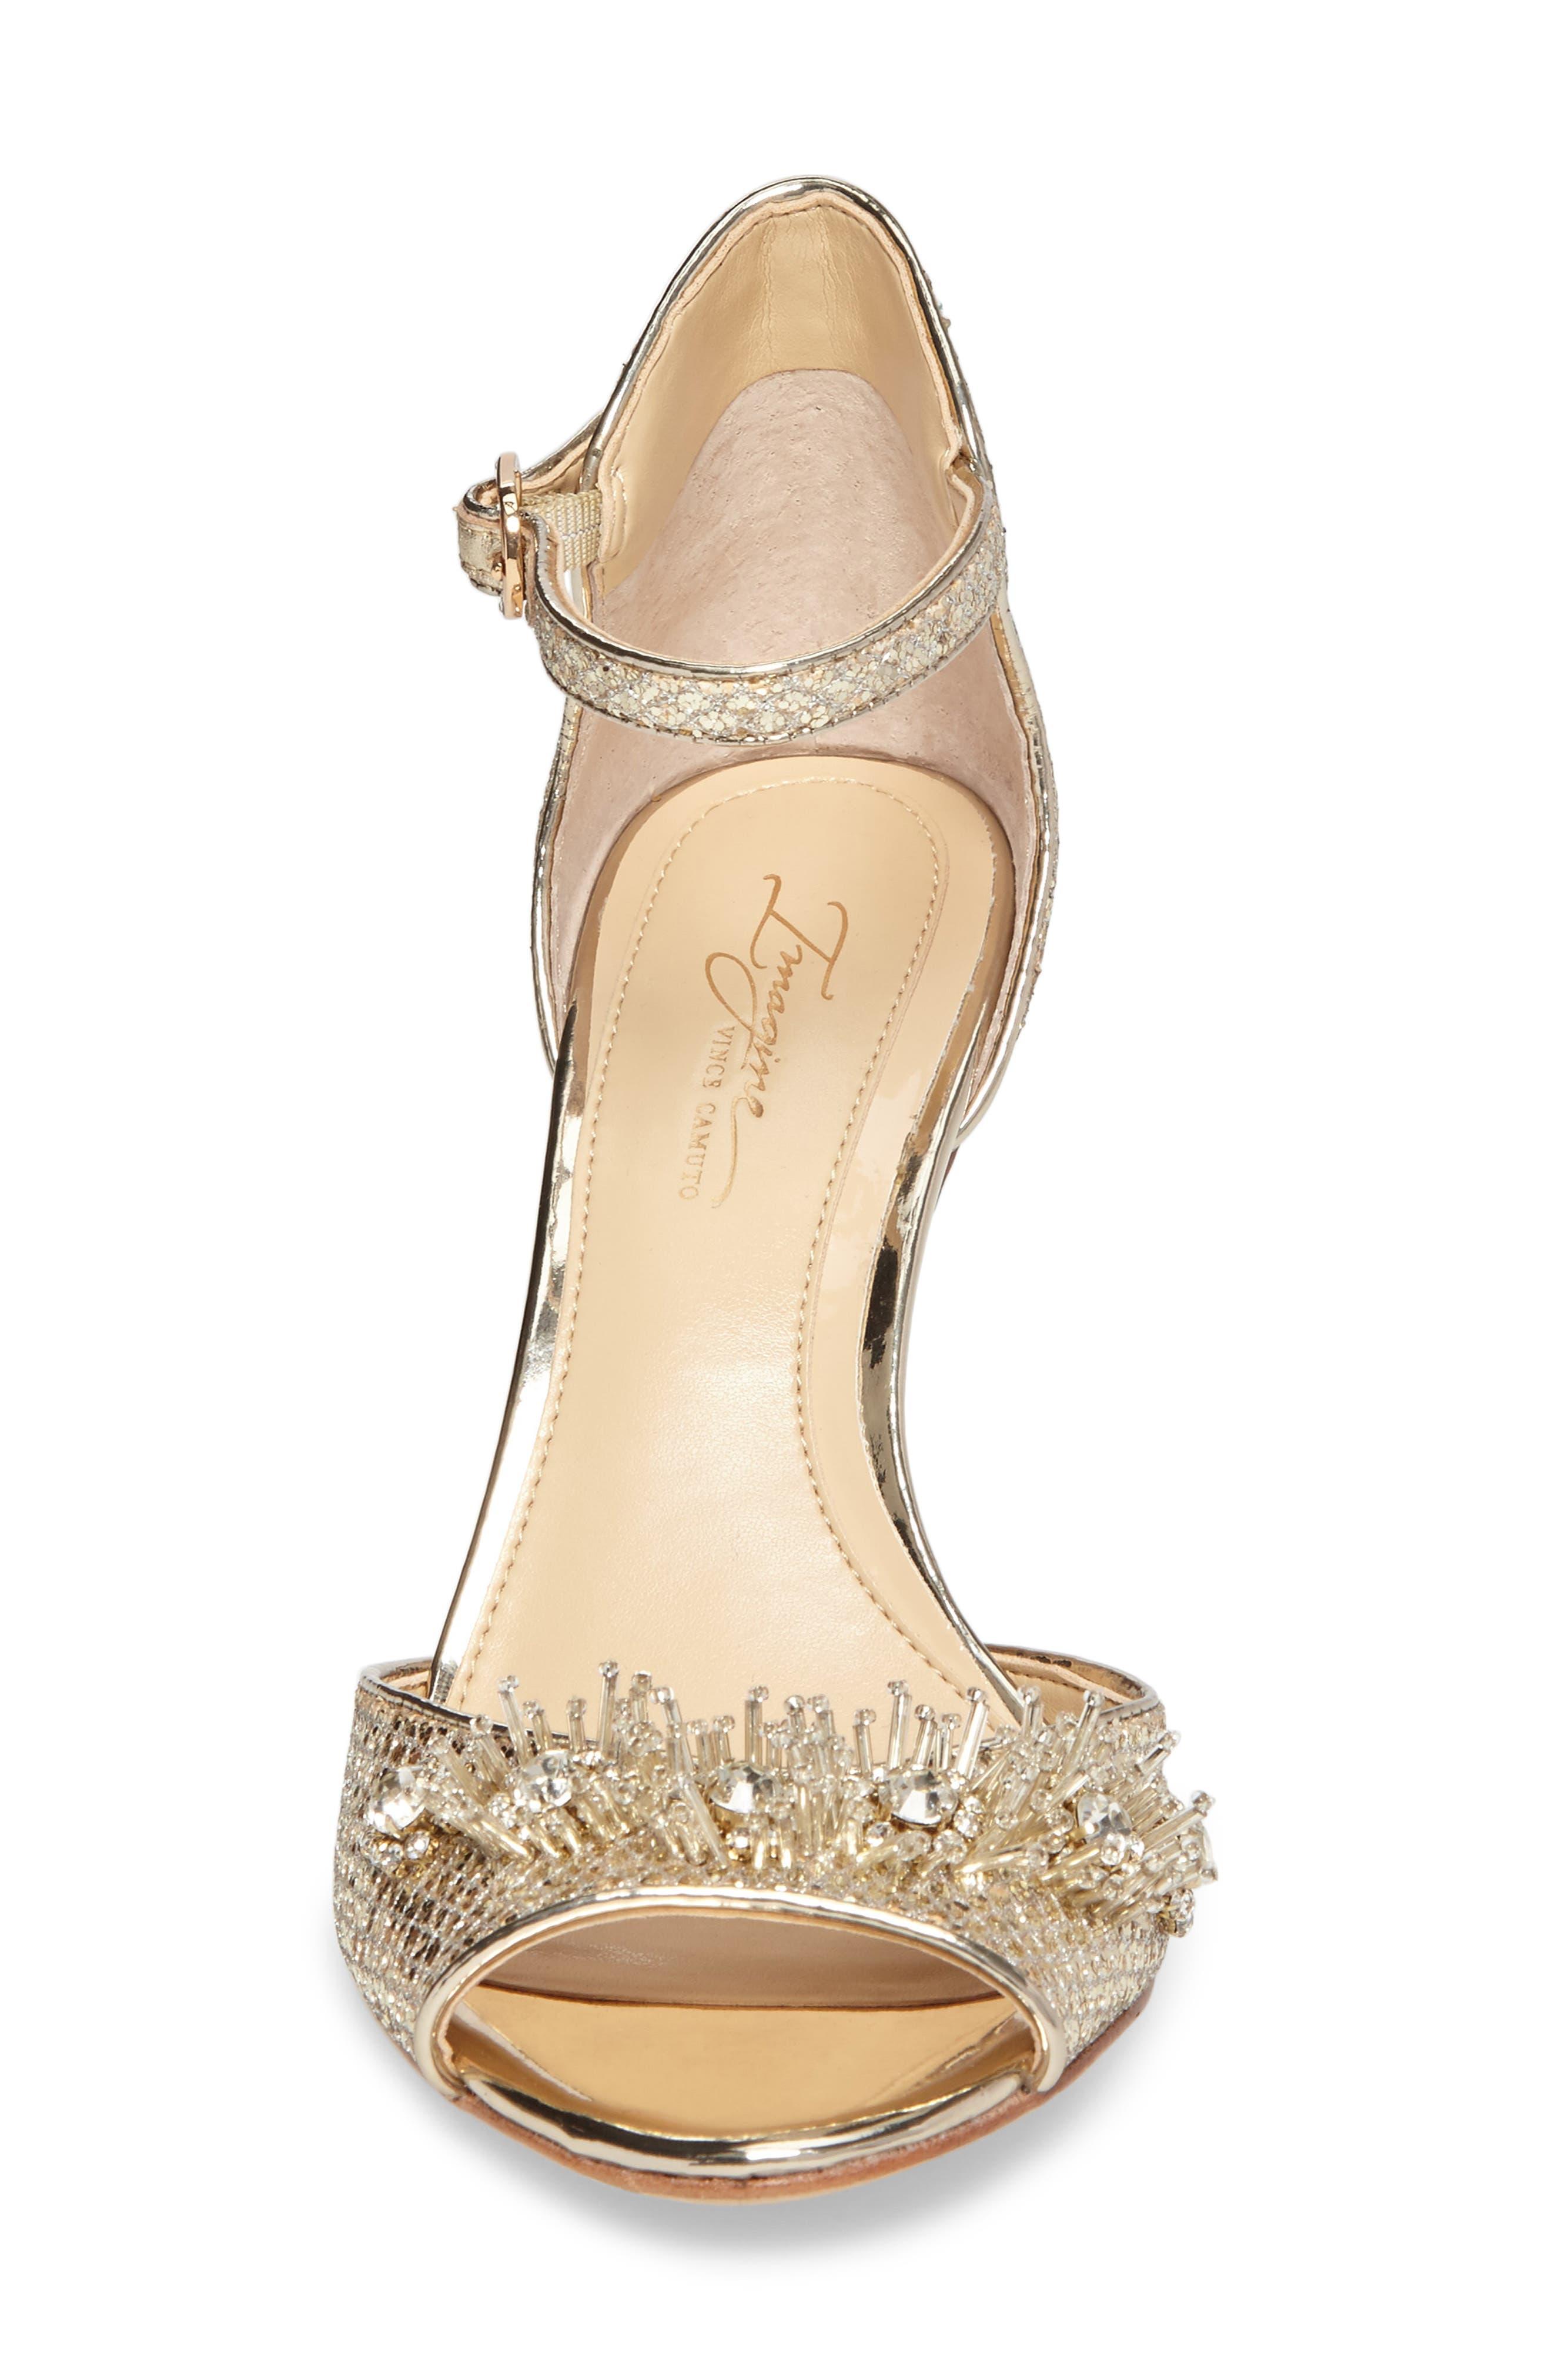 Prisca Embellished Sandal,                             Alternate thumbnail 4, color,                             Soft Gold